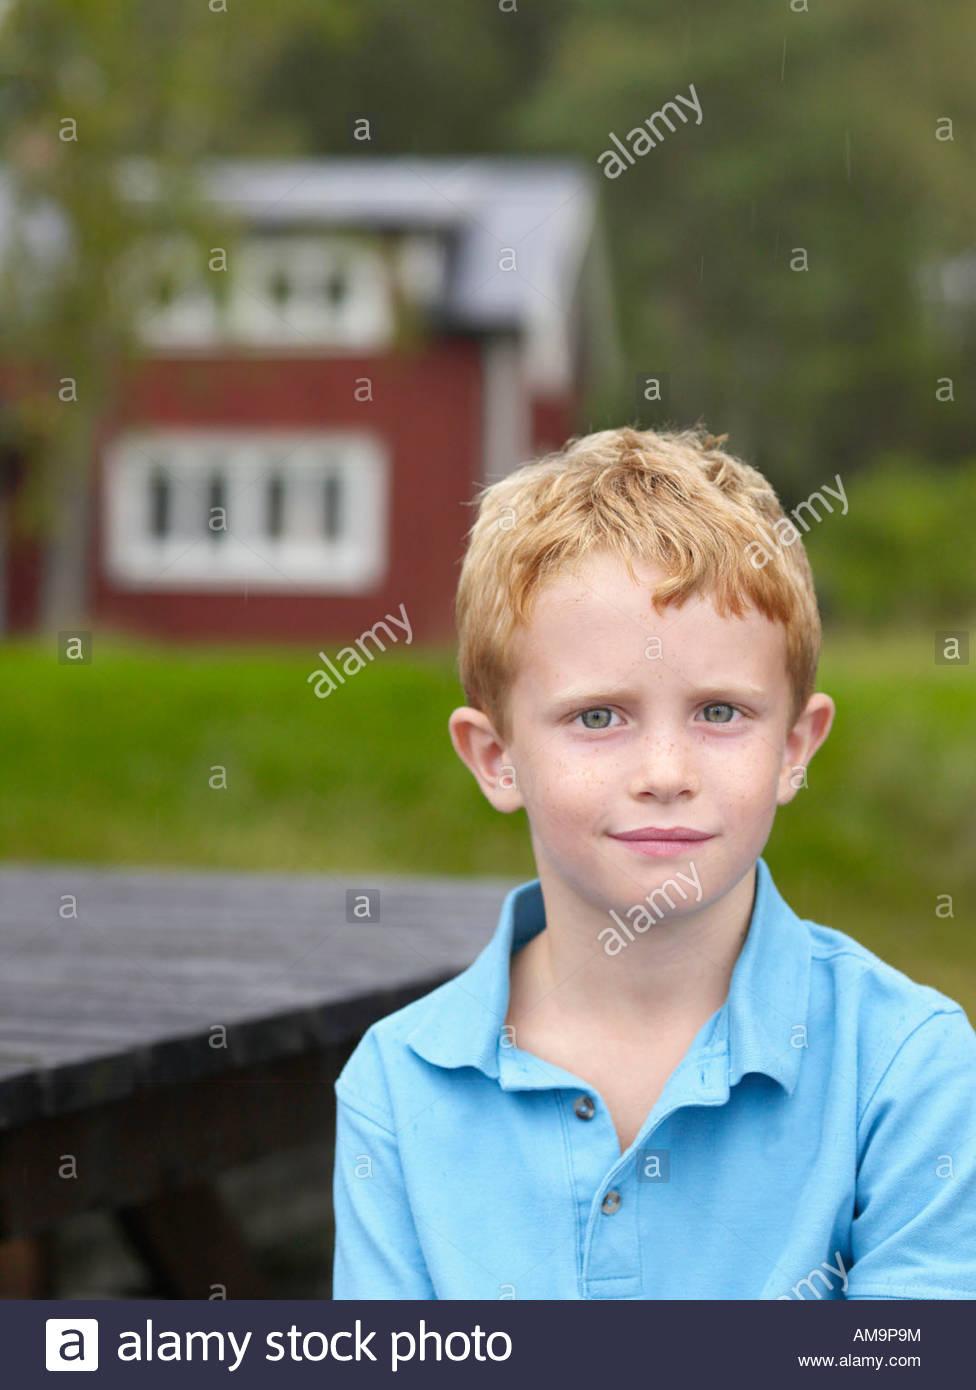 Gingerbob ybrur